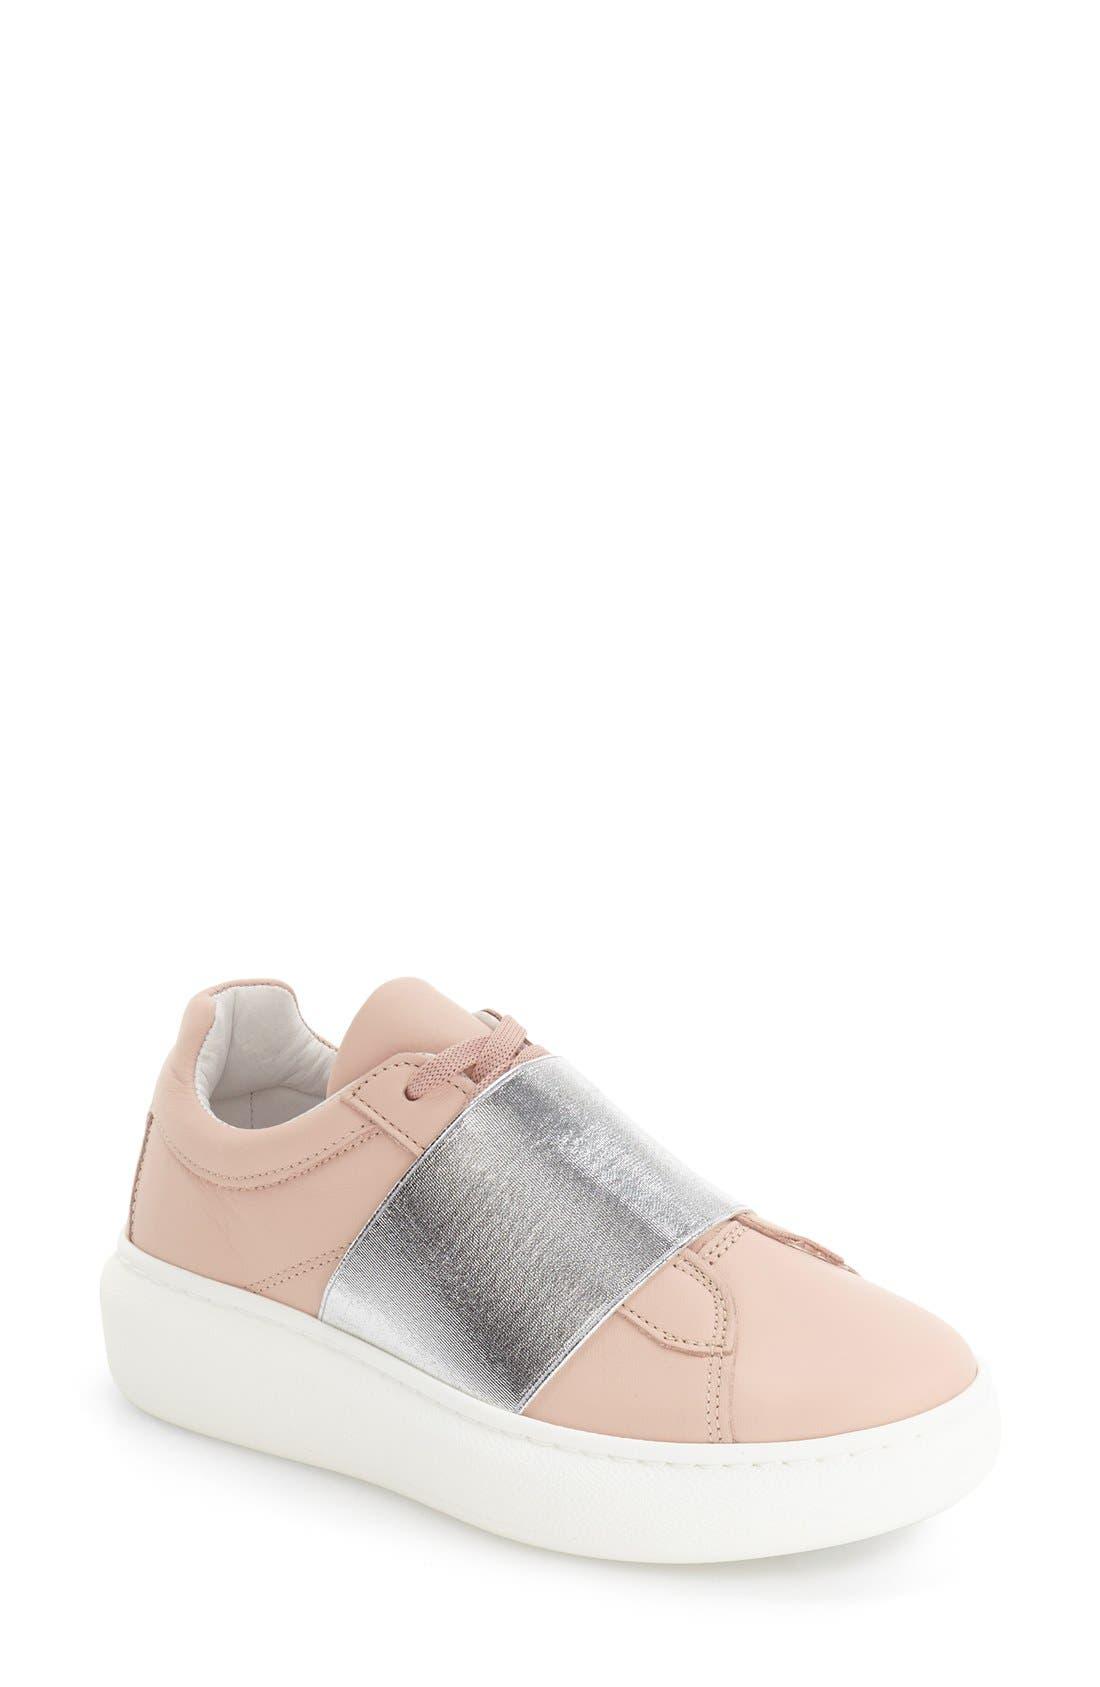 Alternate Image 1 Selected - Topshop Turin Metallic Strap Platform Sneaker (Women)